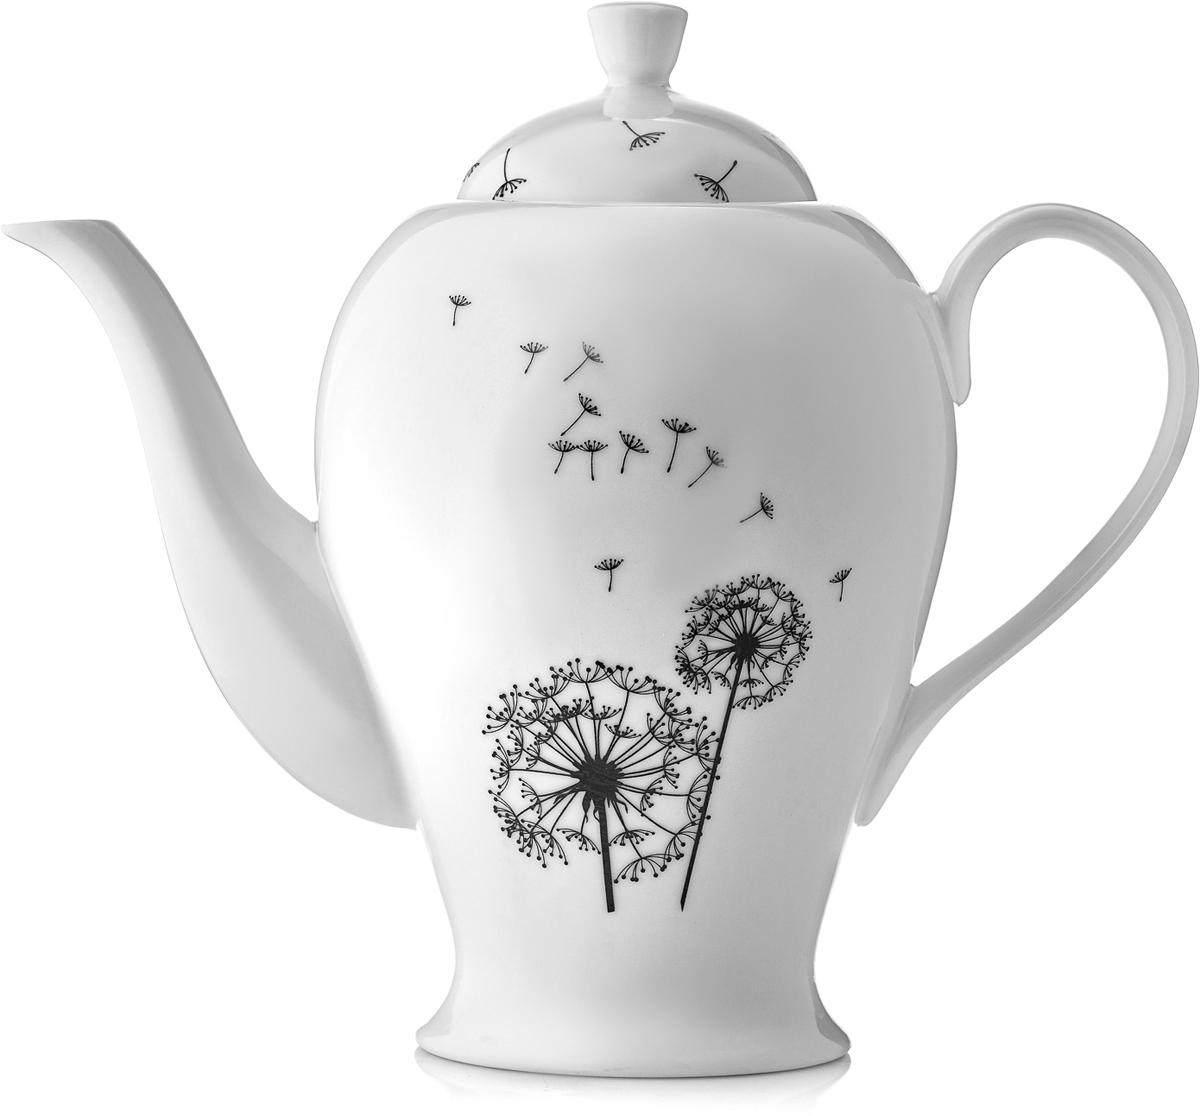 Чайник заварочный Esprado Viente, 1,29 л наушники sony mdr ex150 y